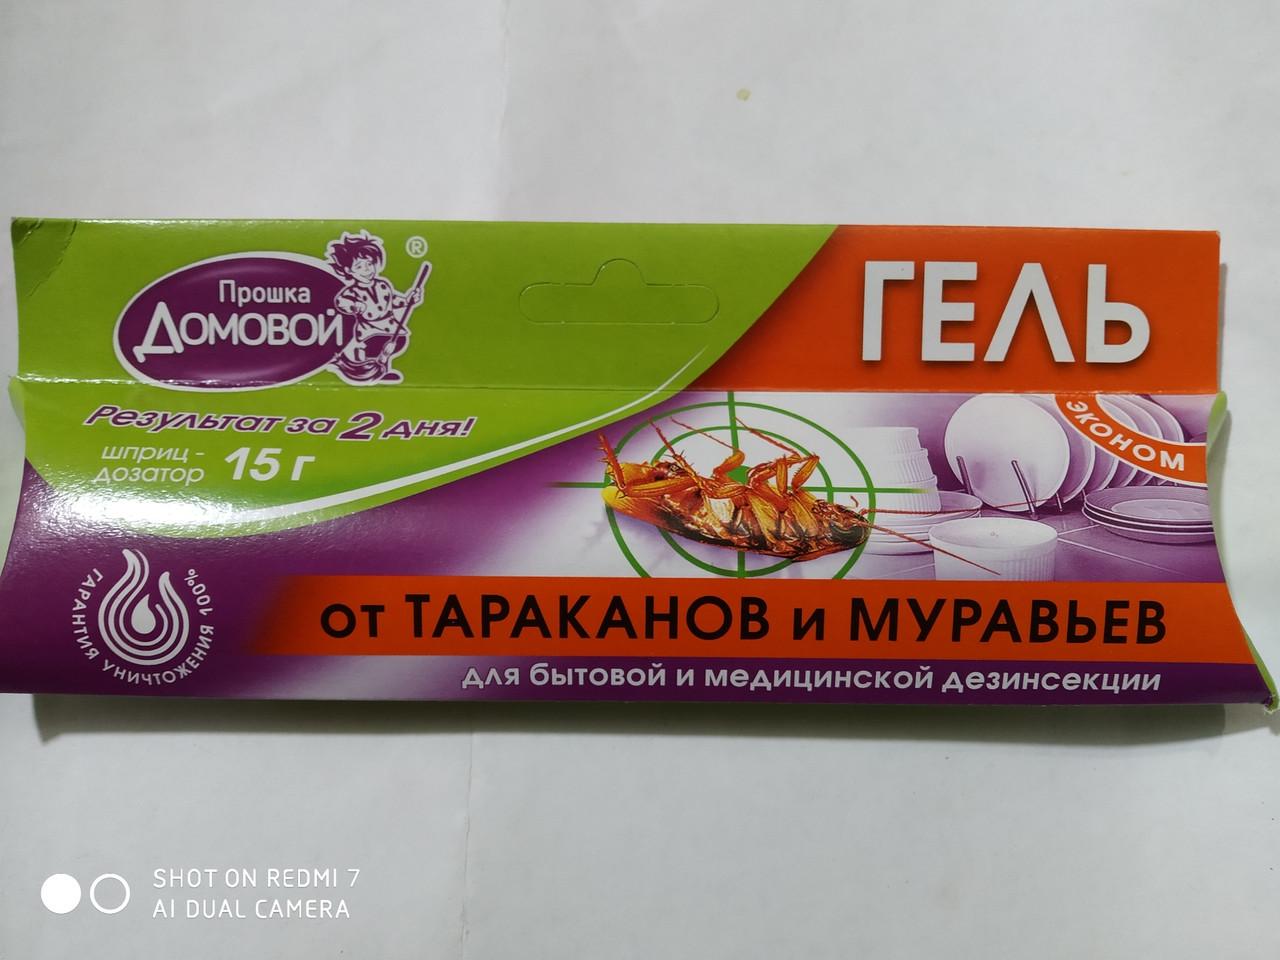 Гель от тараканов домовой: инструкция по применению (отзывы)